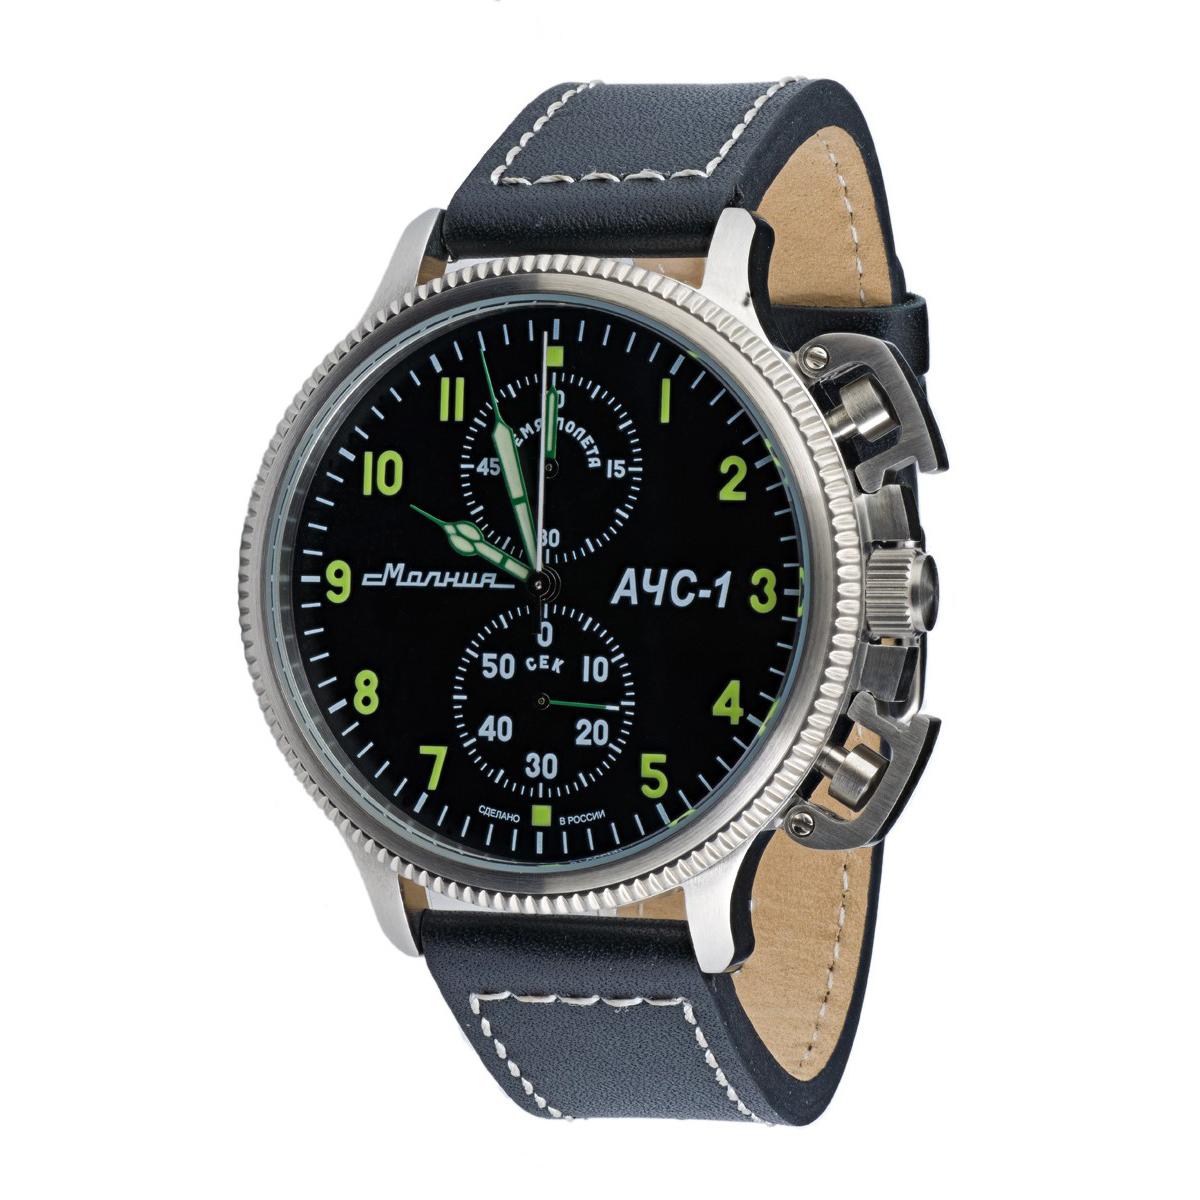 Мужские часы из стали, арт. 0010101